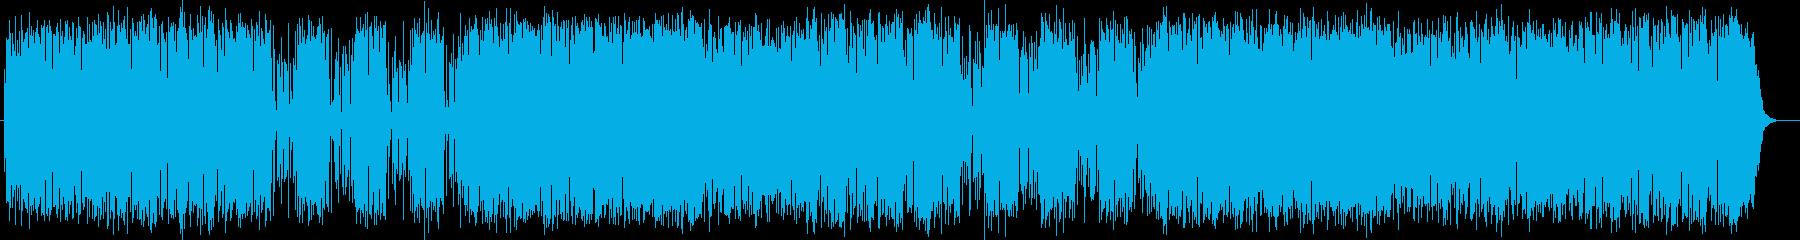 コミカルで軽快なポップミュージックの再生済みの波形